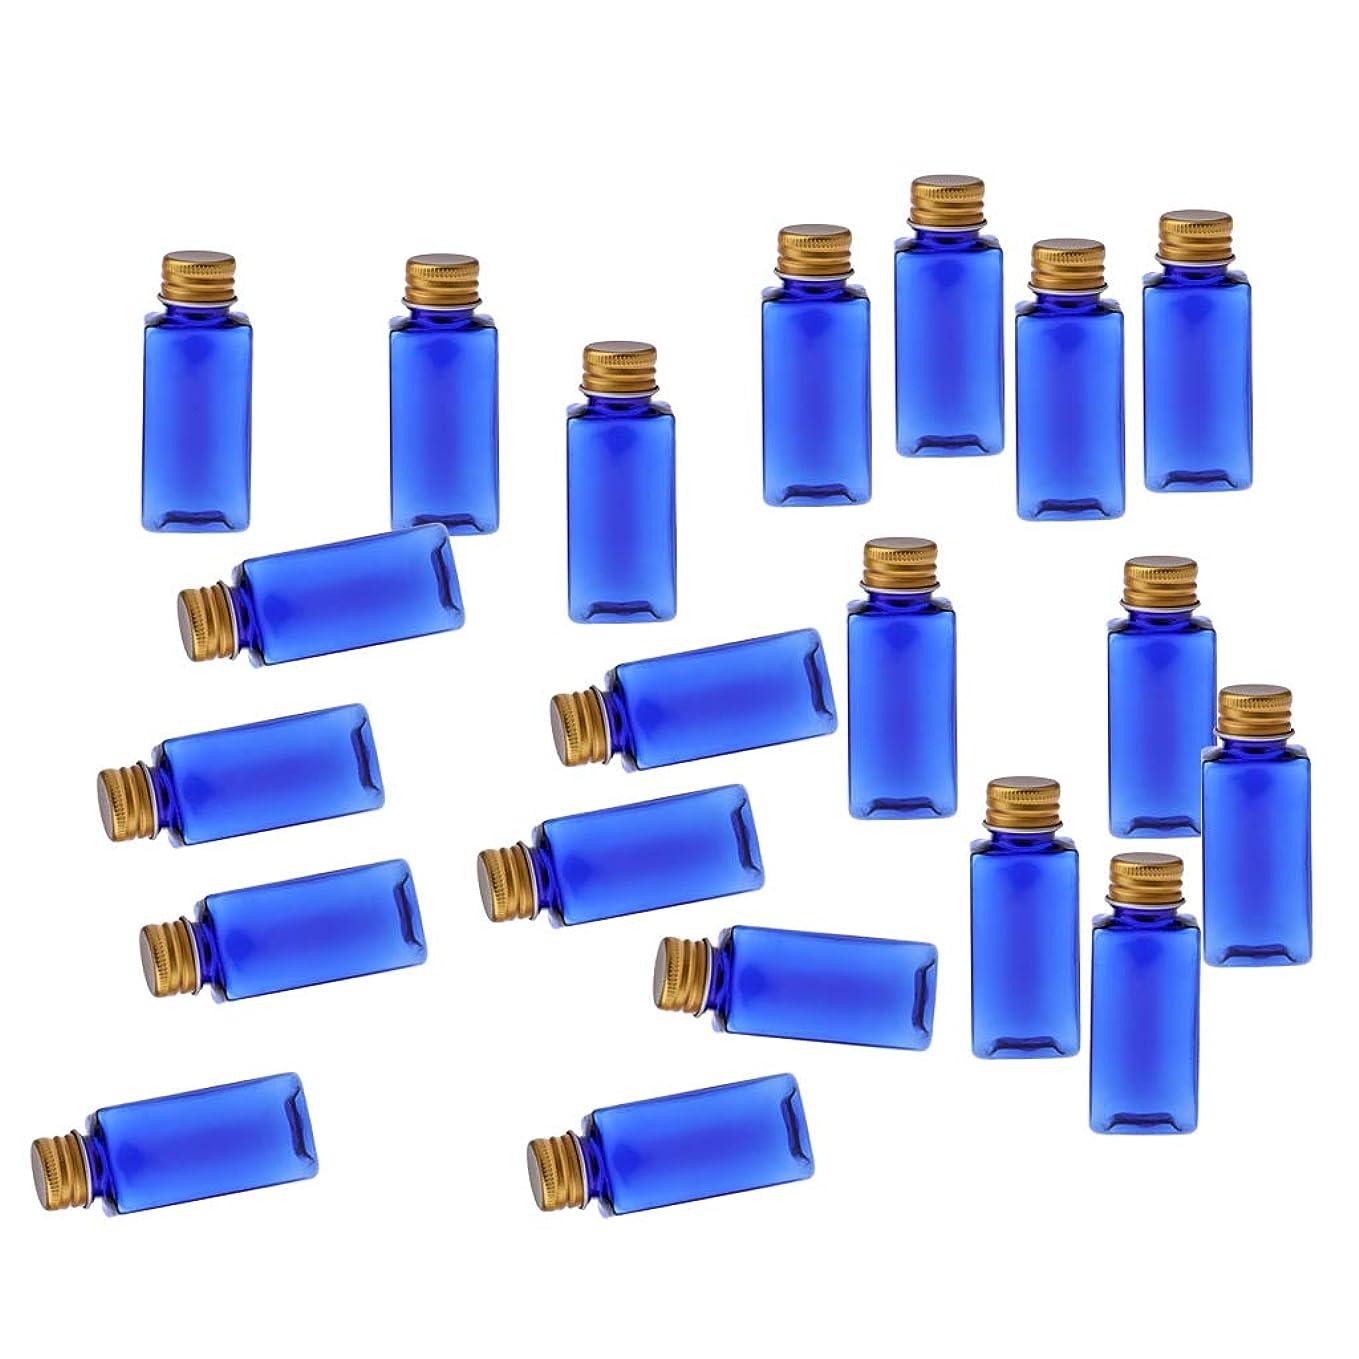 養うハンバーガーオールB Baosity 約20本 メイクアップボトル 30ミリリットル コスメ 詰替え容器 8色選べ - ブルーゴールド